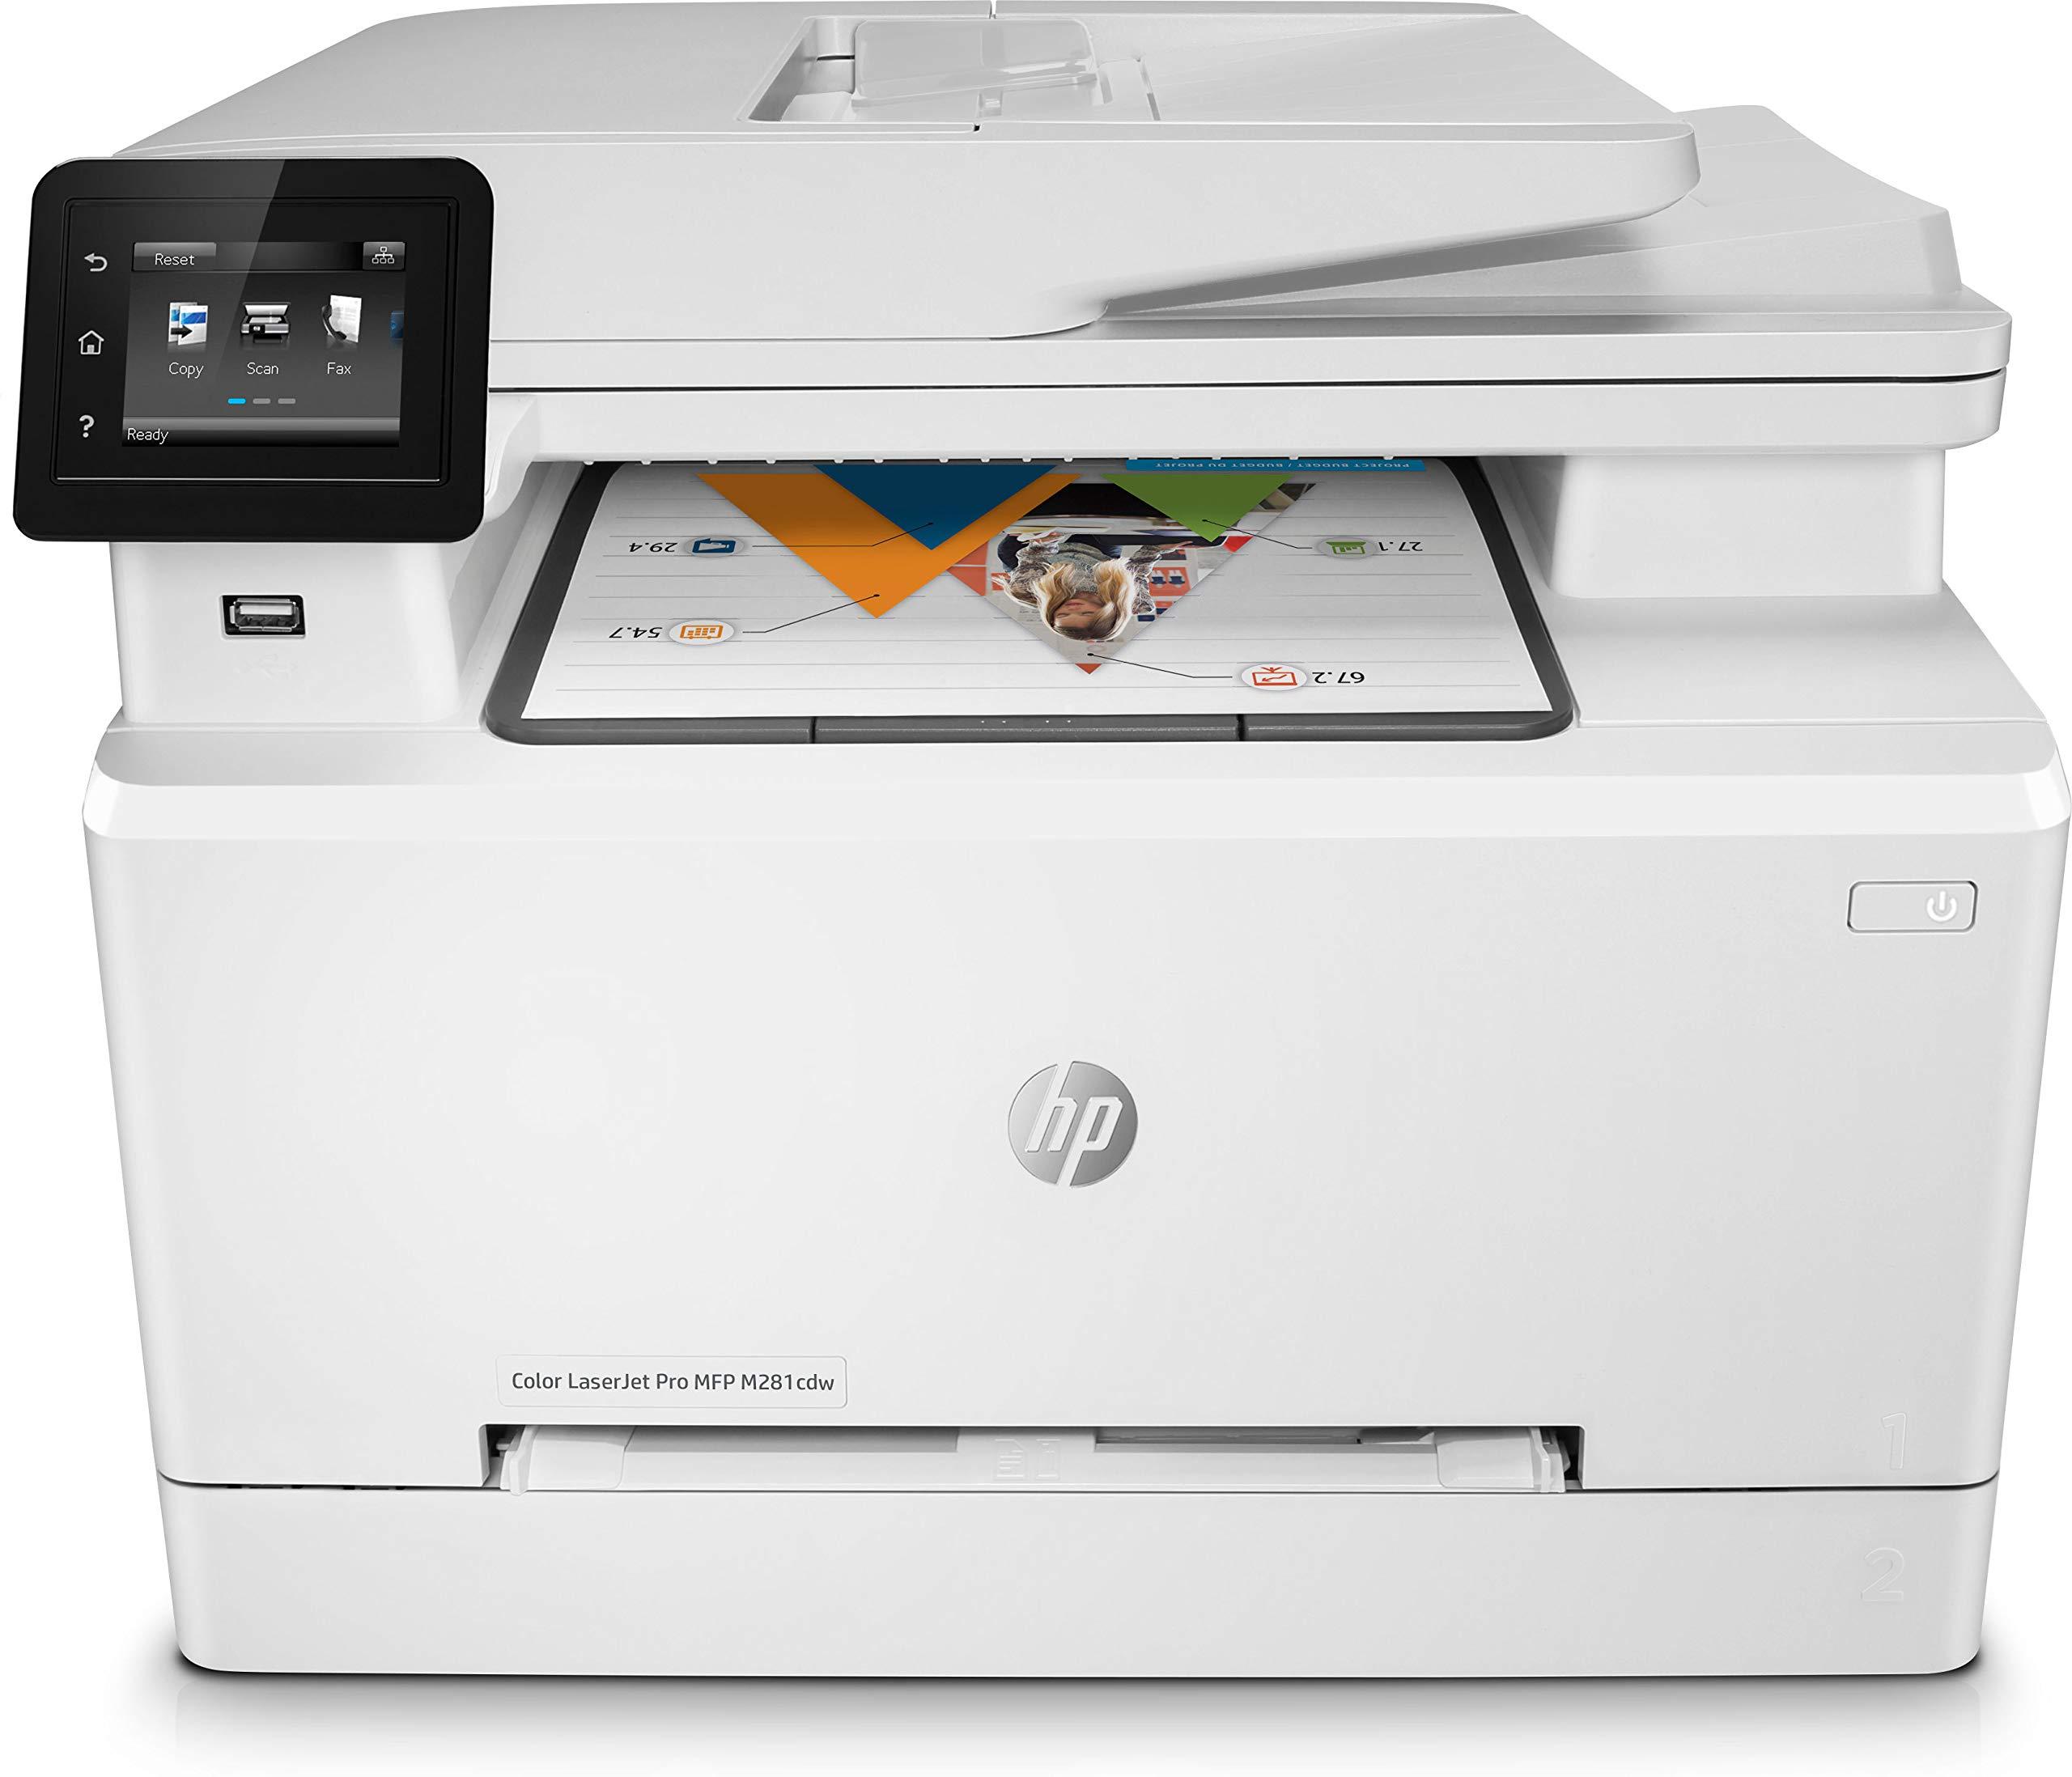 HP Color Laserjet Pro MFP M281fdw – Impresora multifunción láser (WiFi, fax, copiar